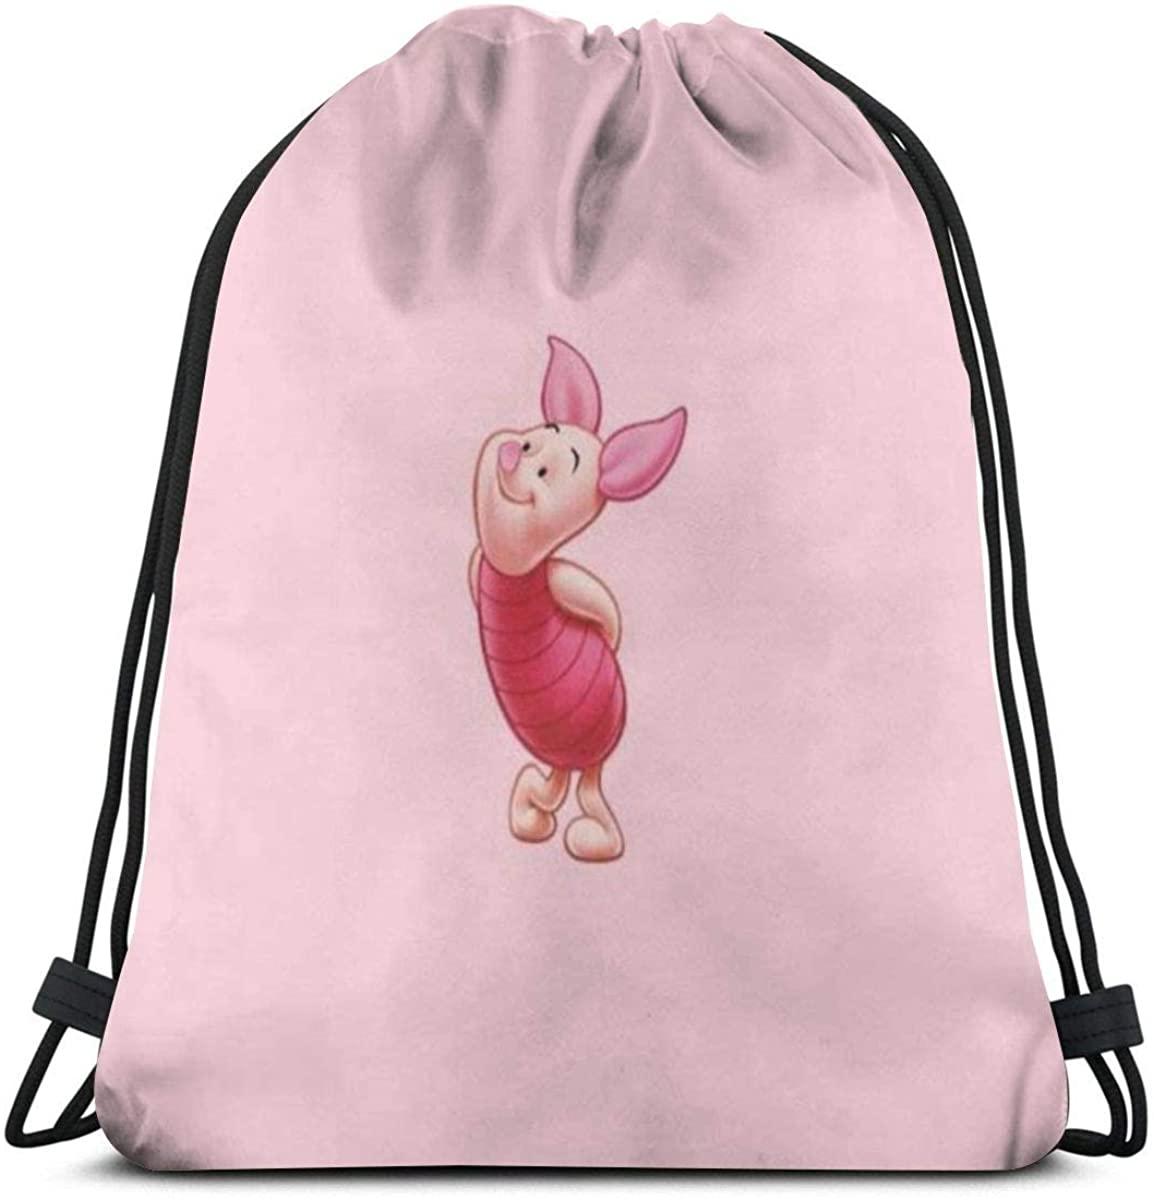 MPJTJGWZ Classic Drawstring Bag-Piglet Gym Backpack Shoulder Bags Sport Storage Bag for Man Women